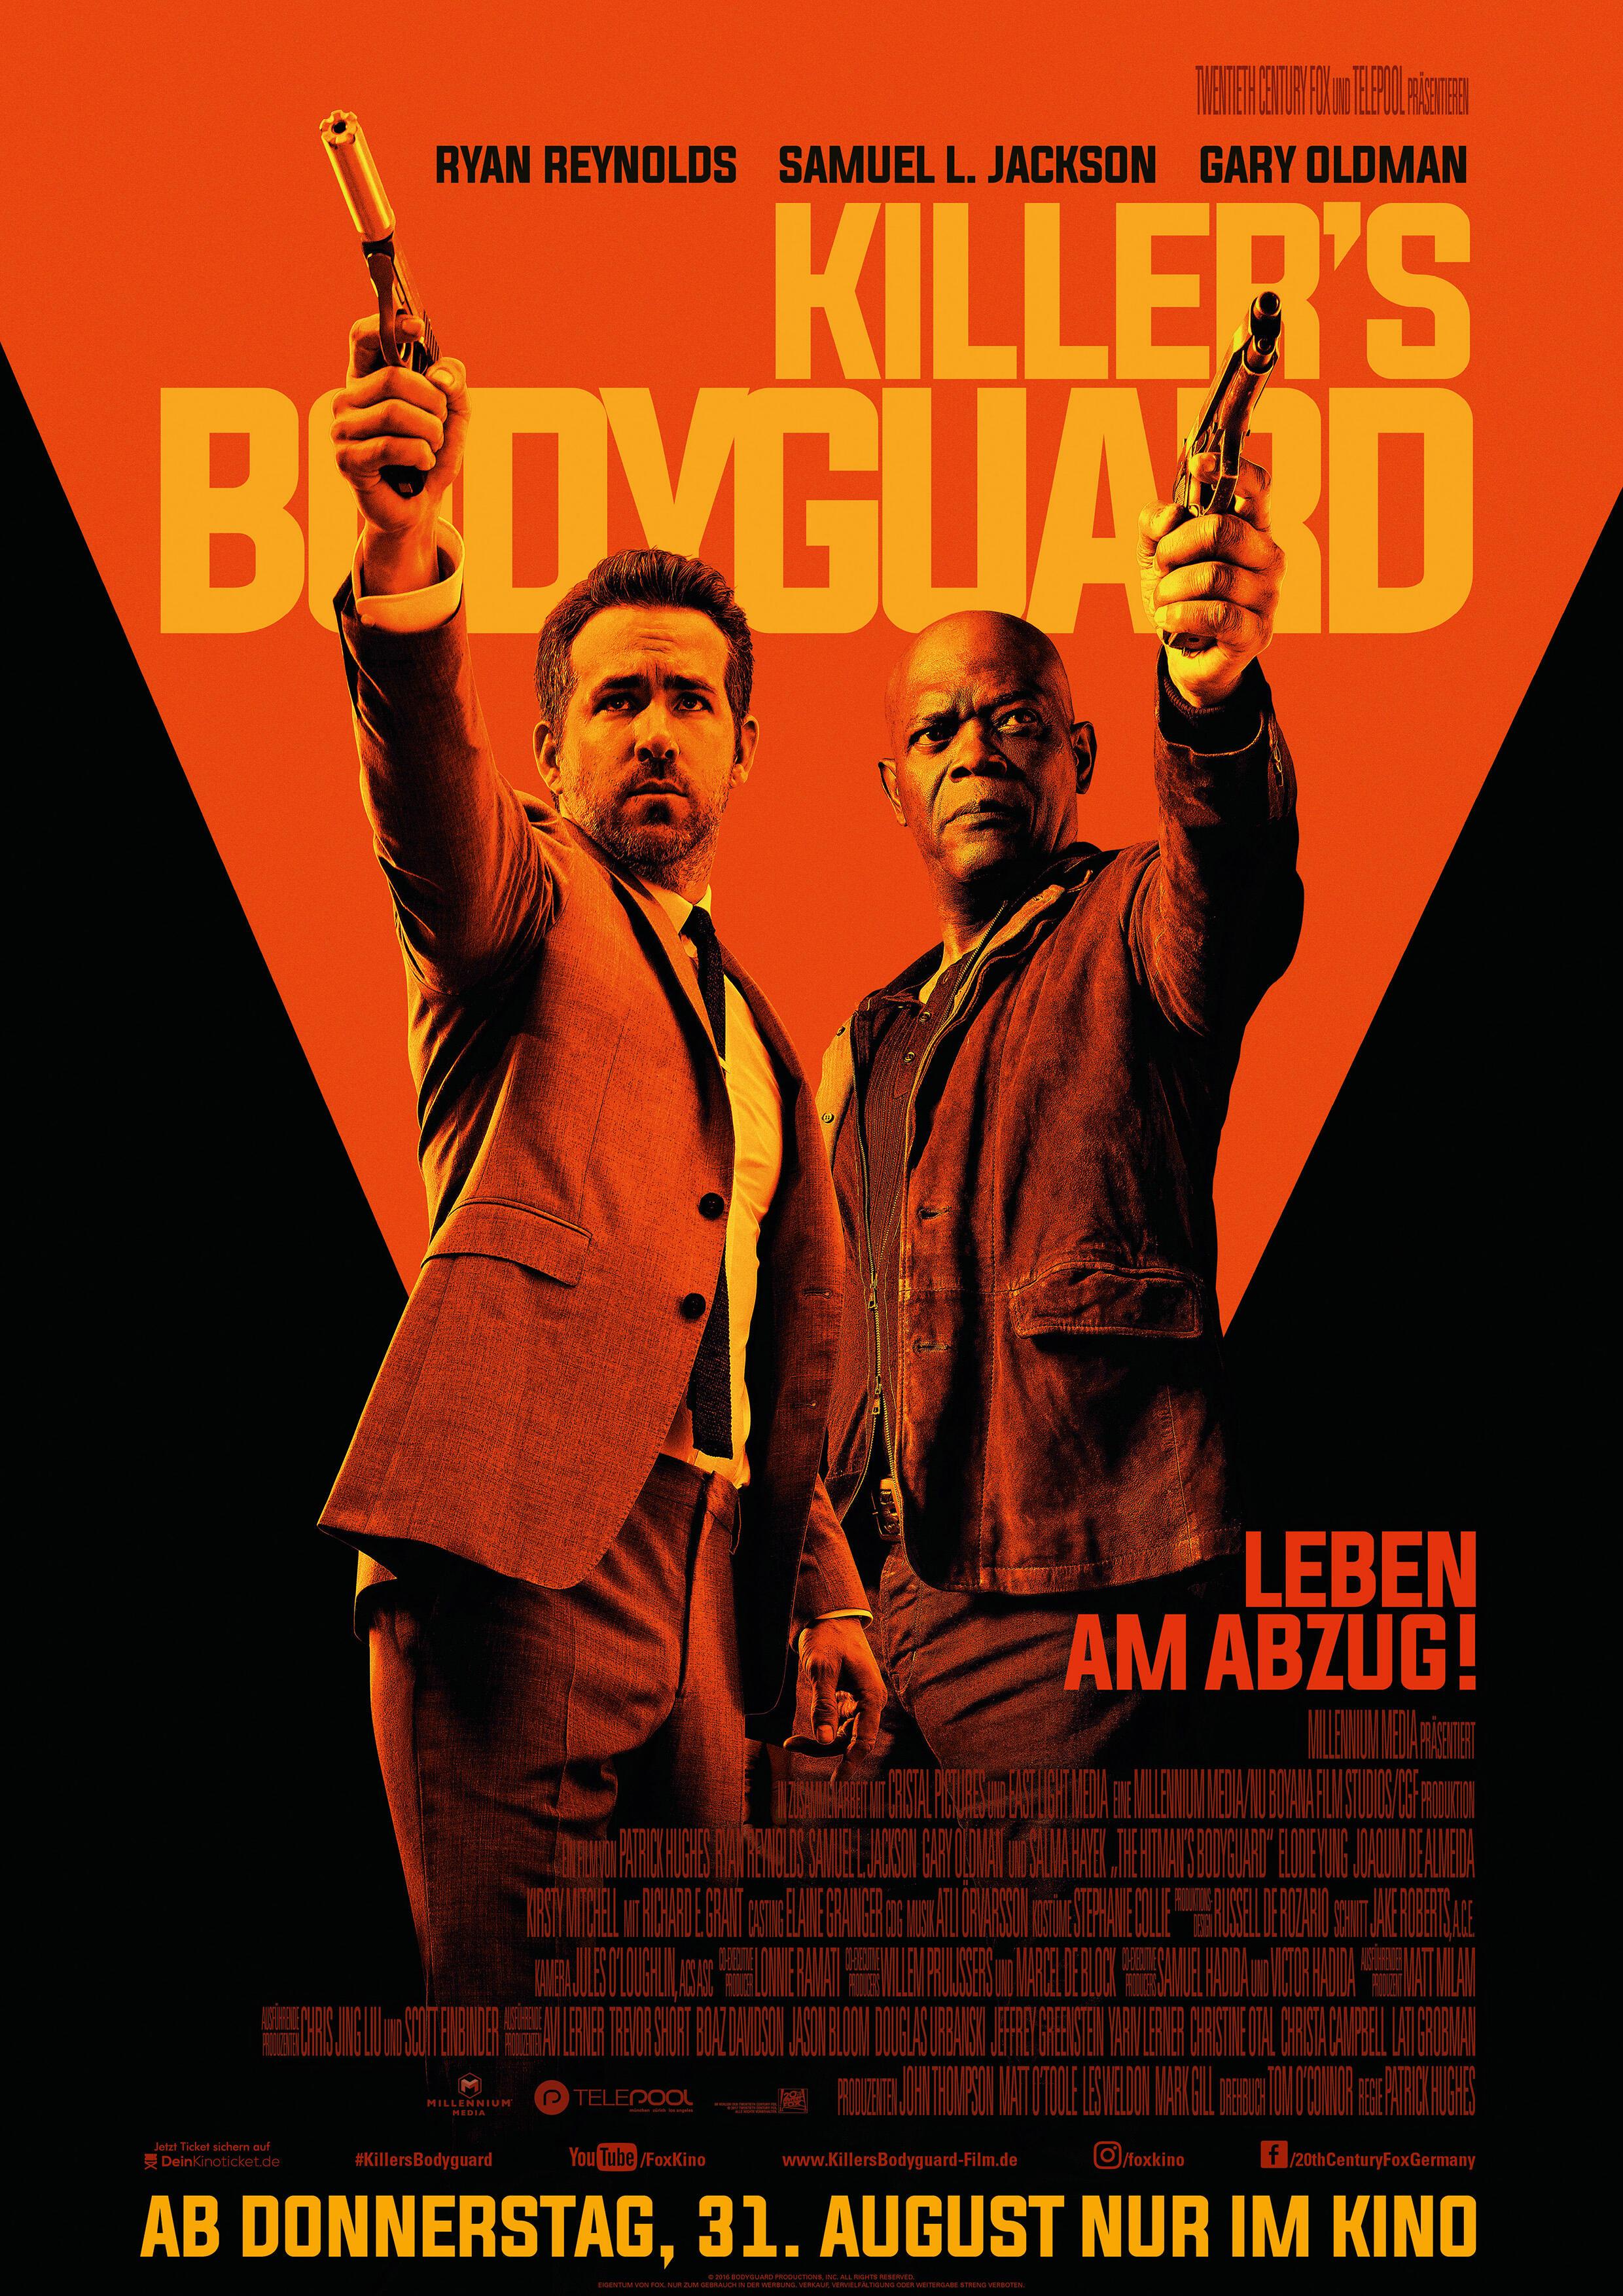 Killer Bodyguard